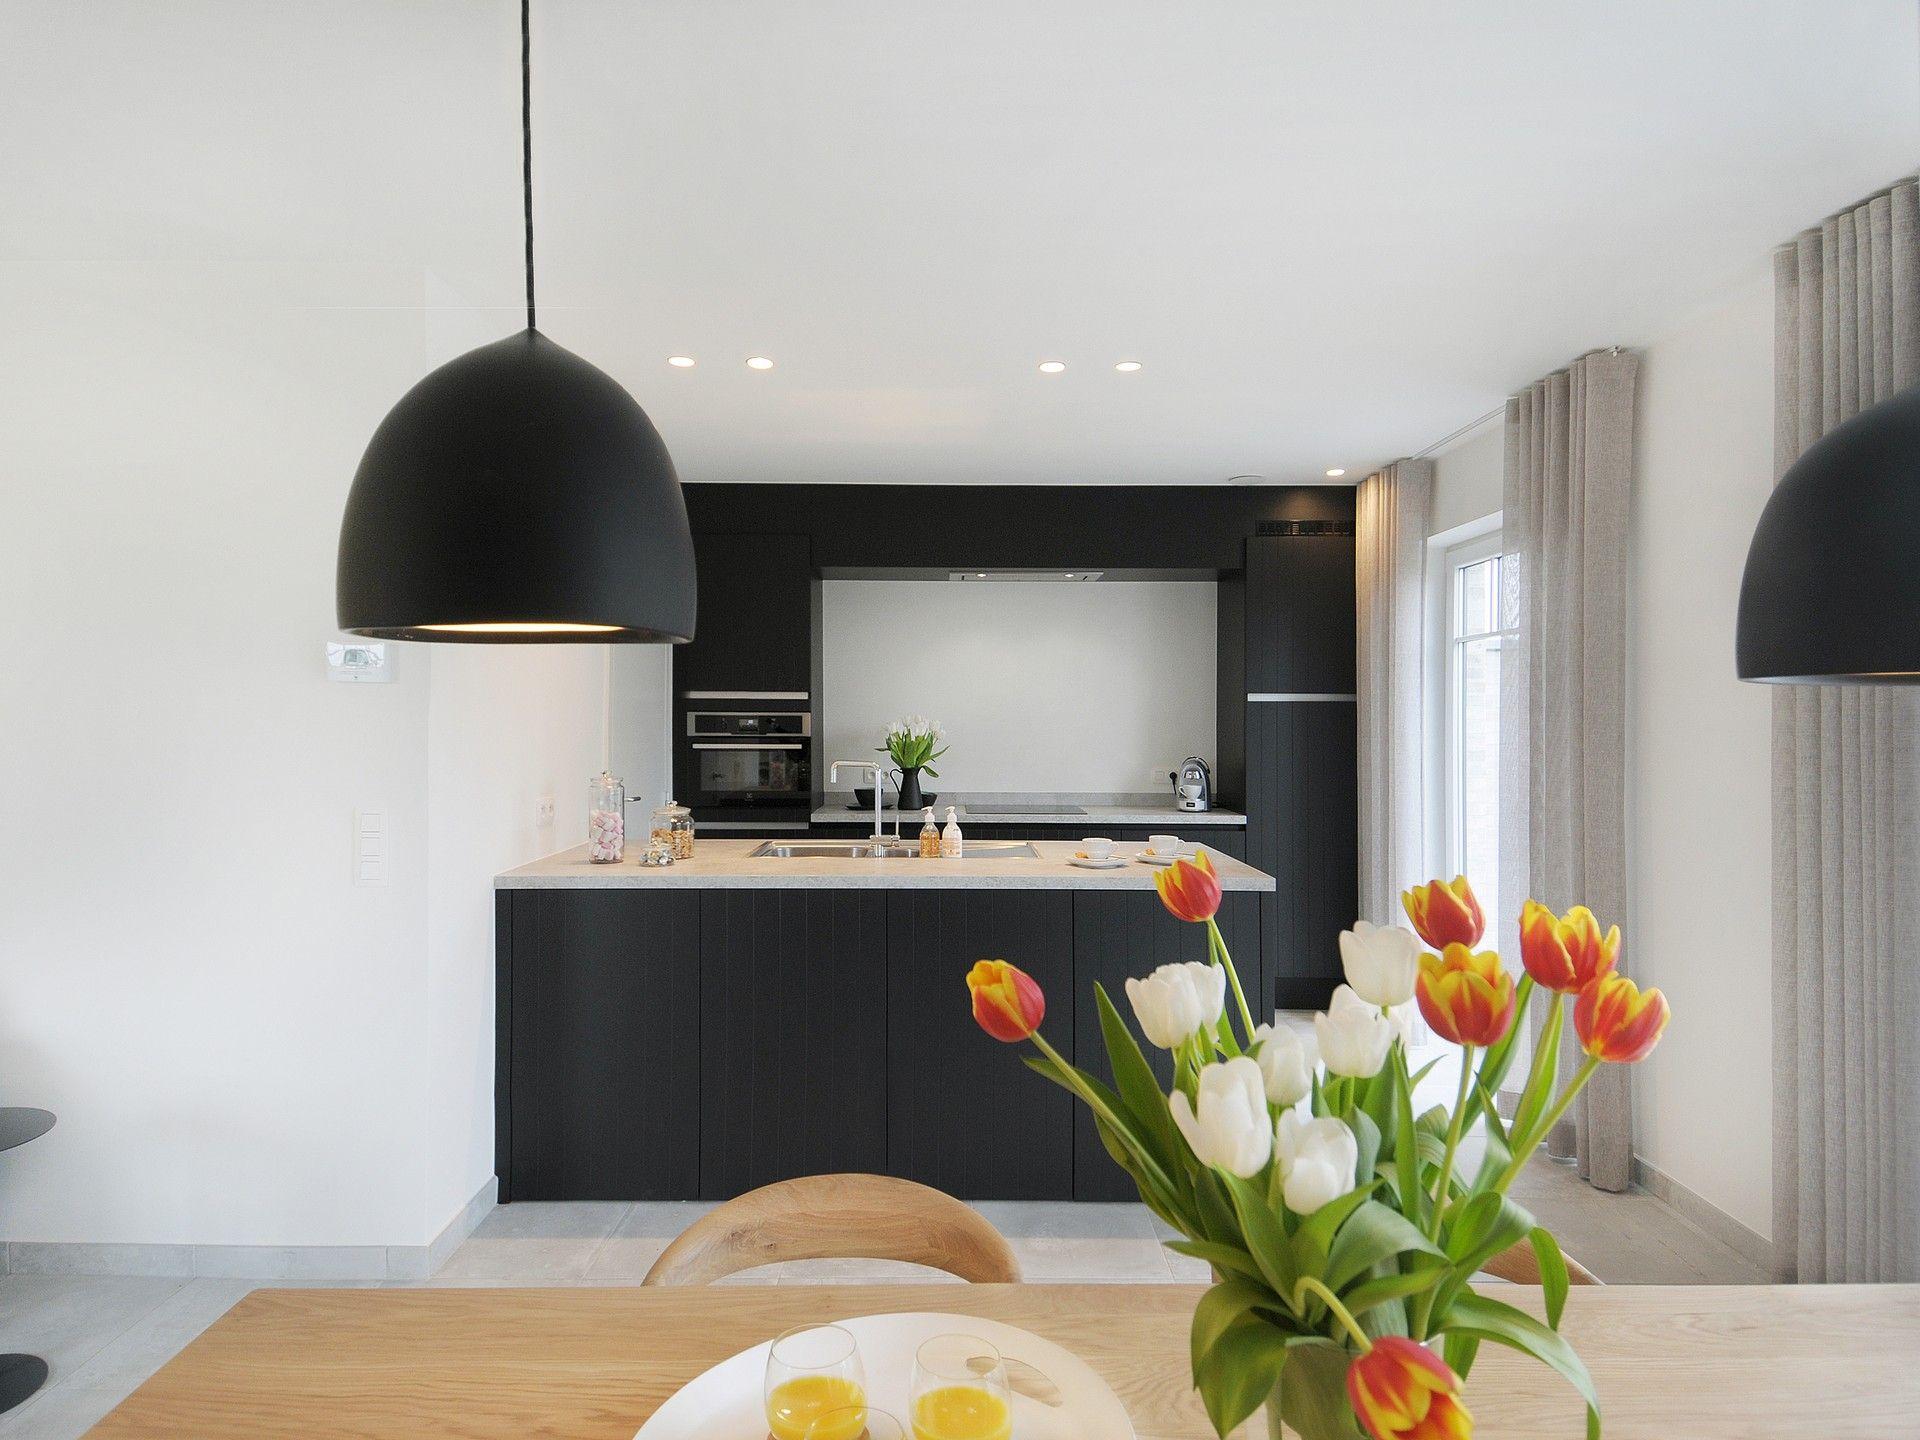 Kijkwoning dilbeek keuken realisaties inspiratie durabrik